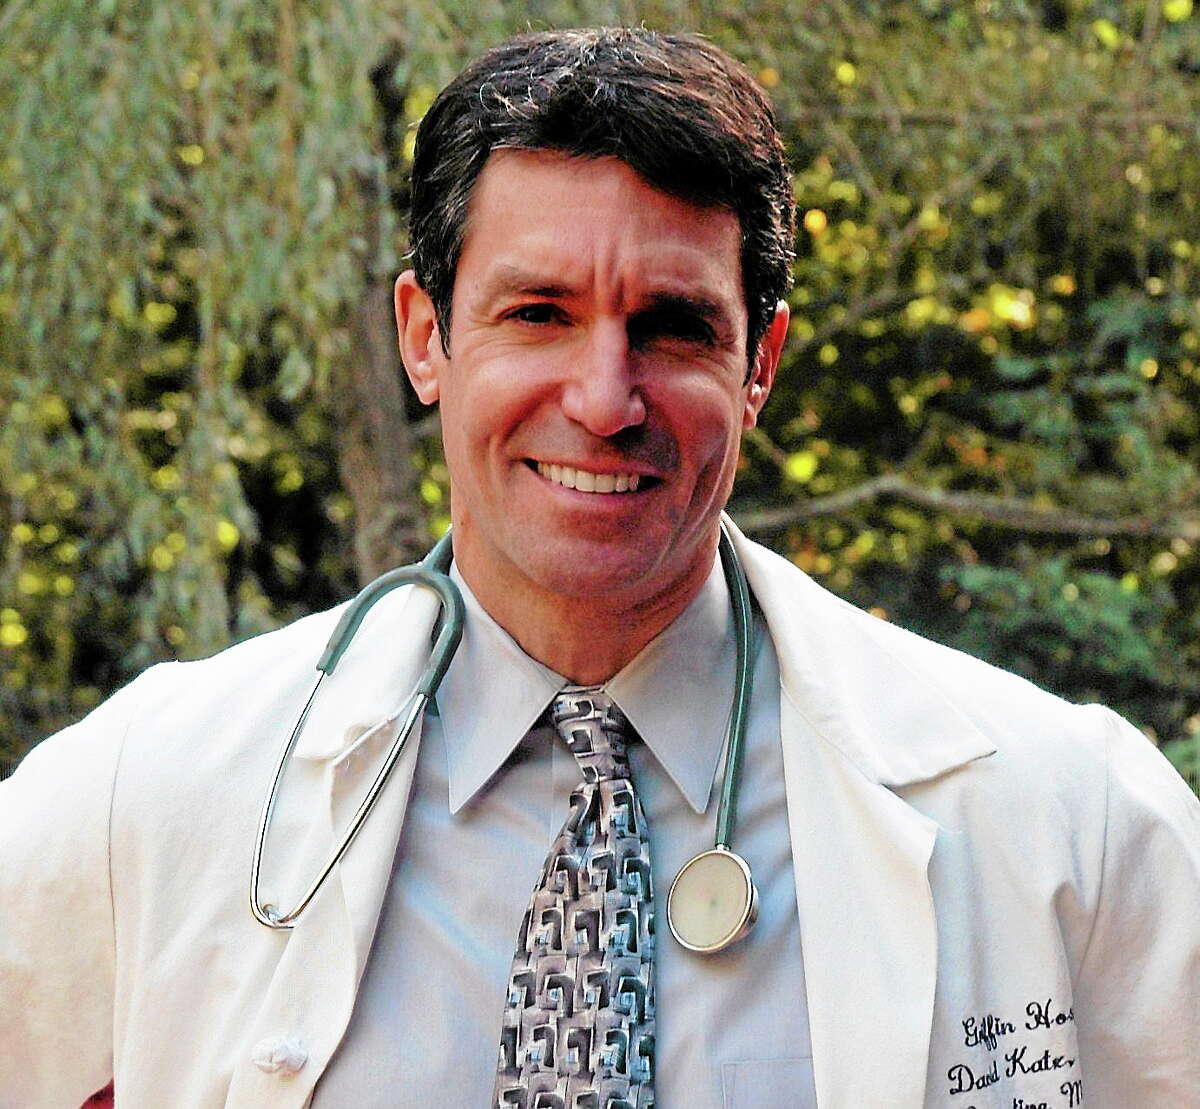 Dr. David Katz.